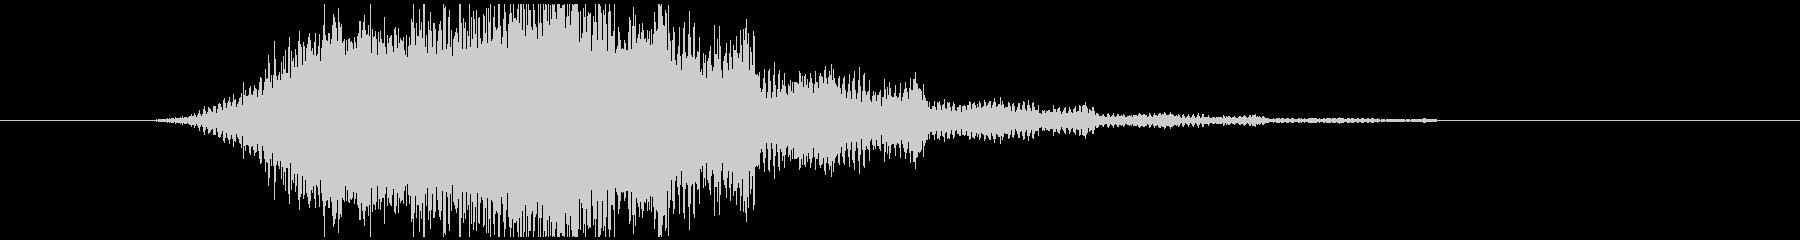 ズーン(ワープ・移動)の未再生の波形